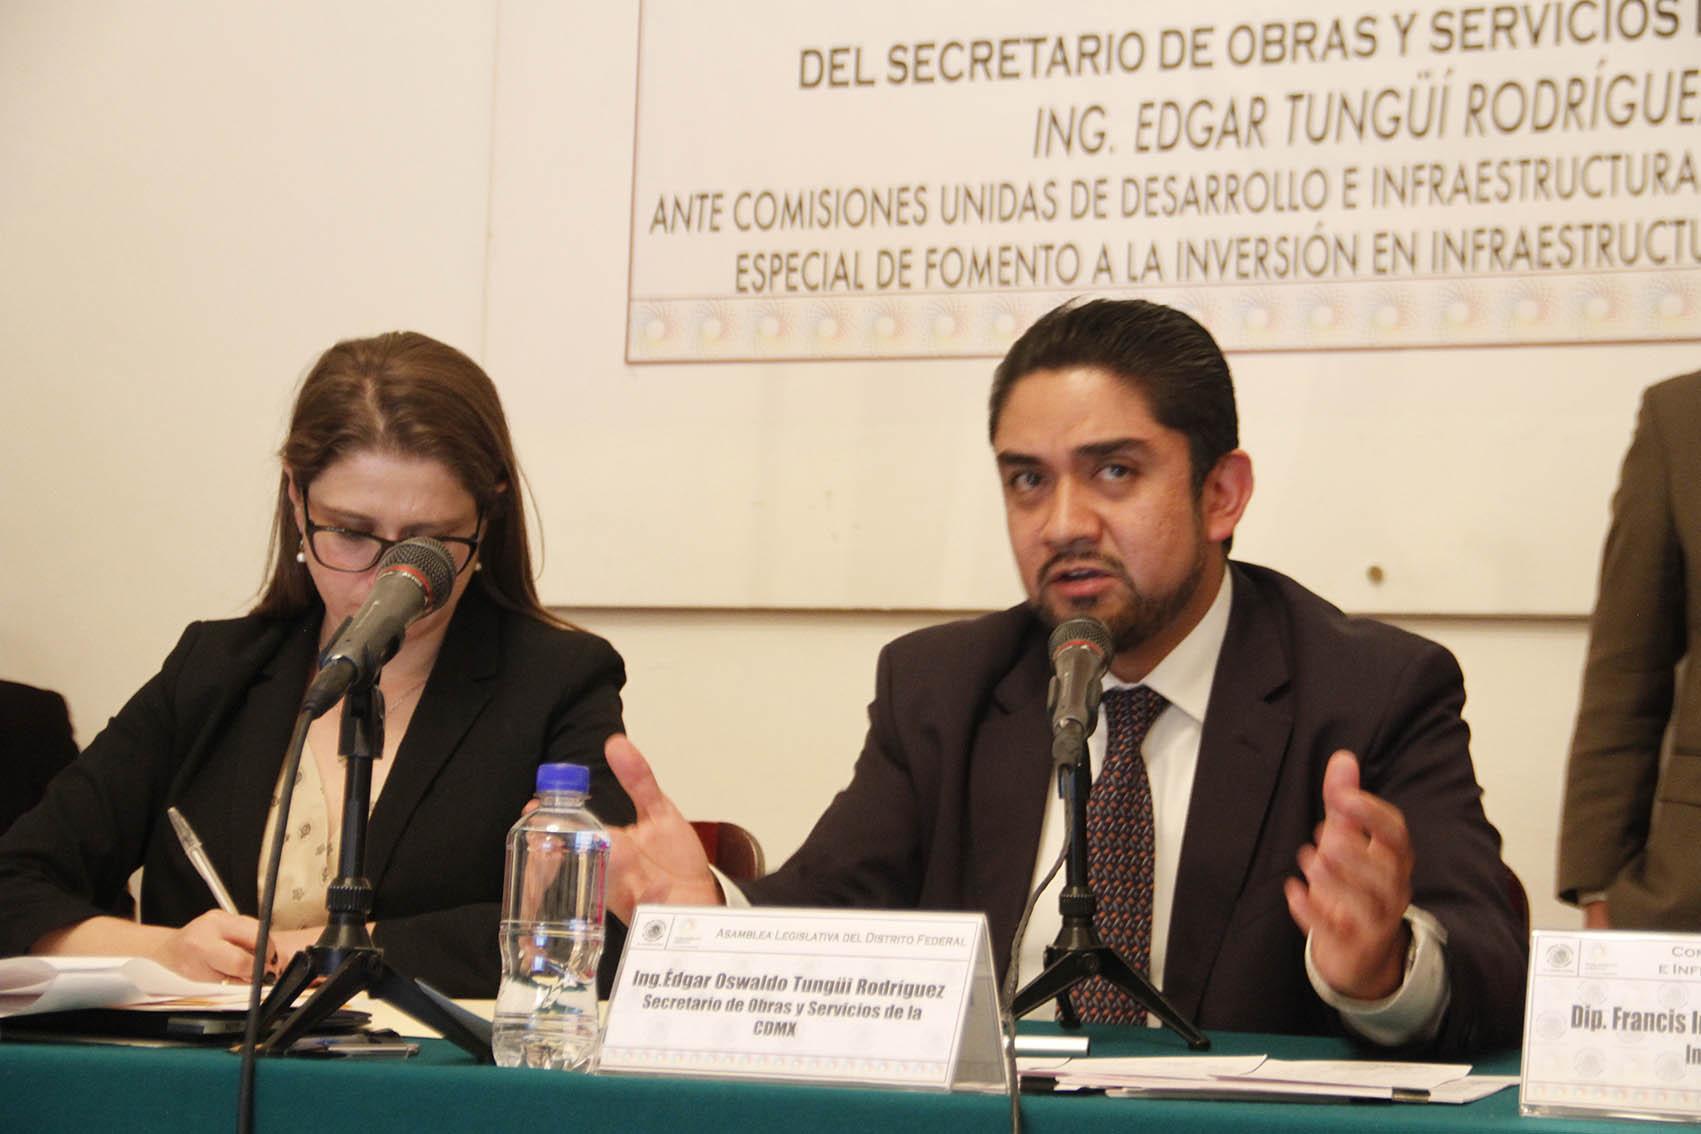 COMPARECENCIA SECRETARIO DE OBRAS Y SERVICIOS EN LA ALDF 10.JPG